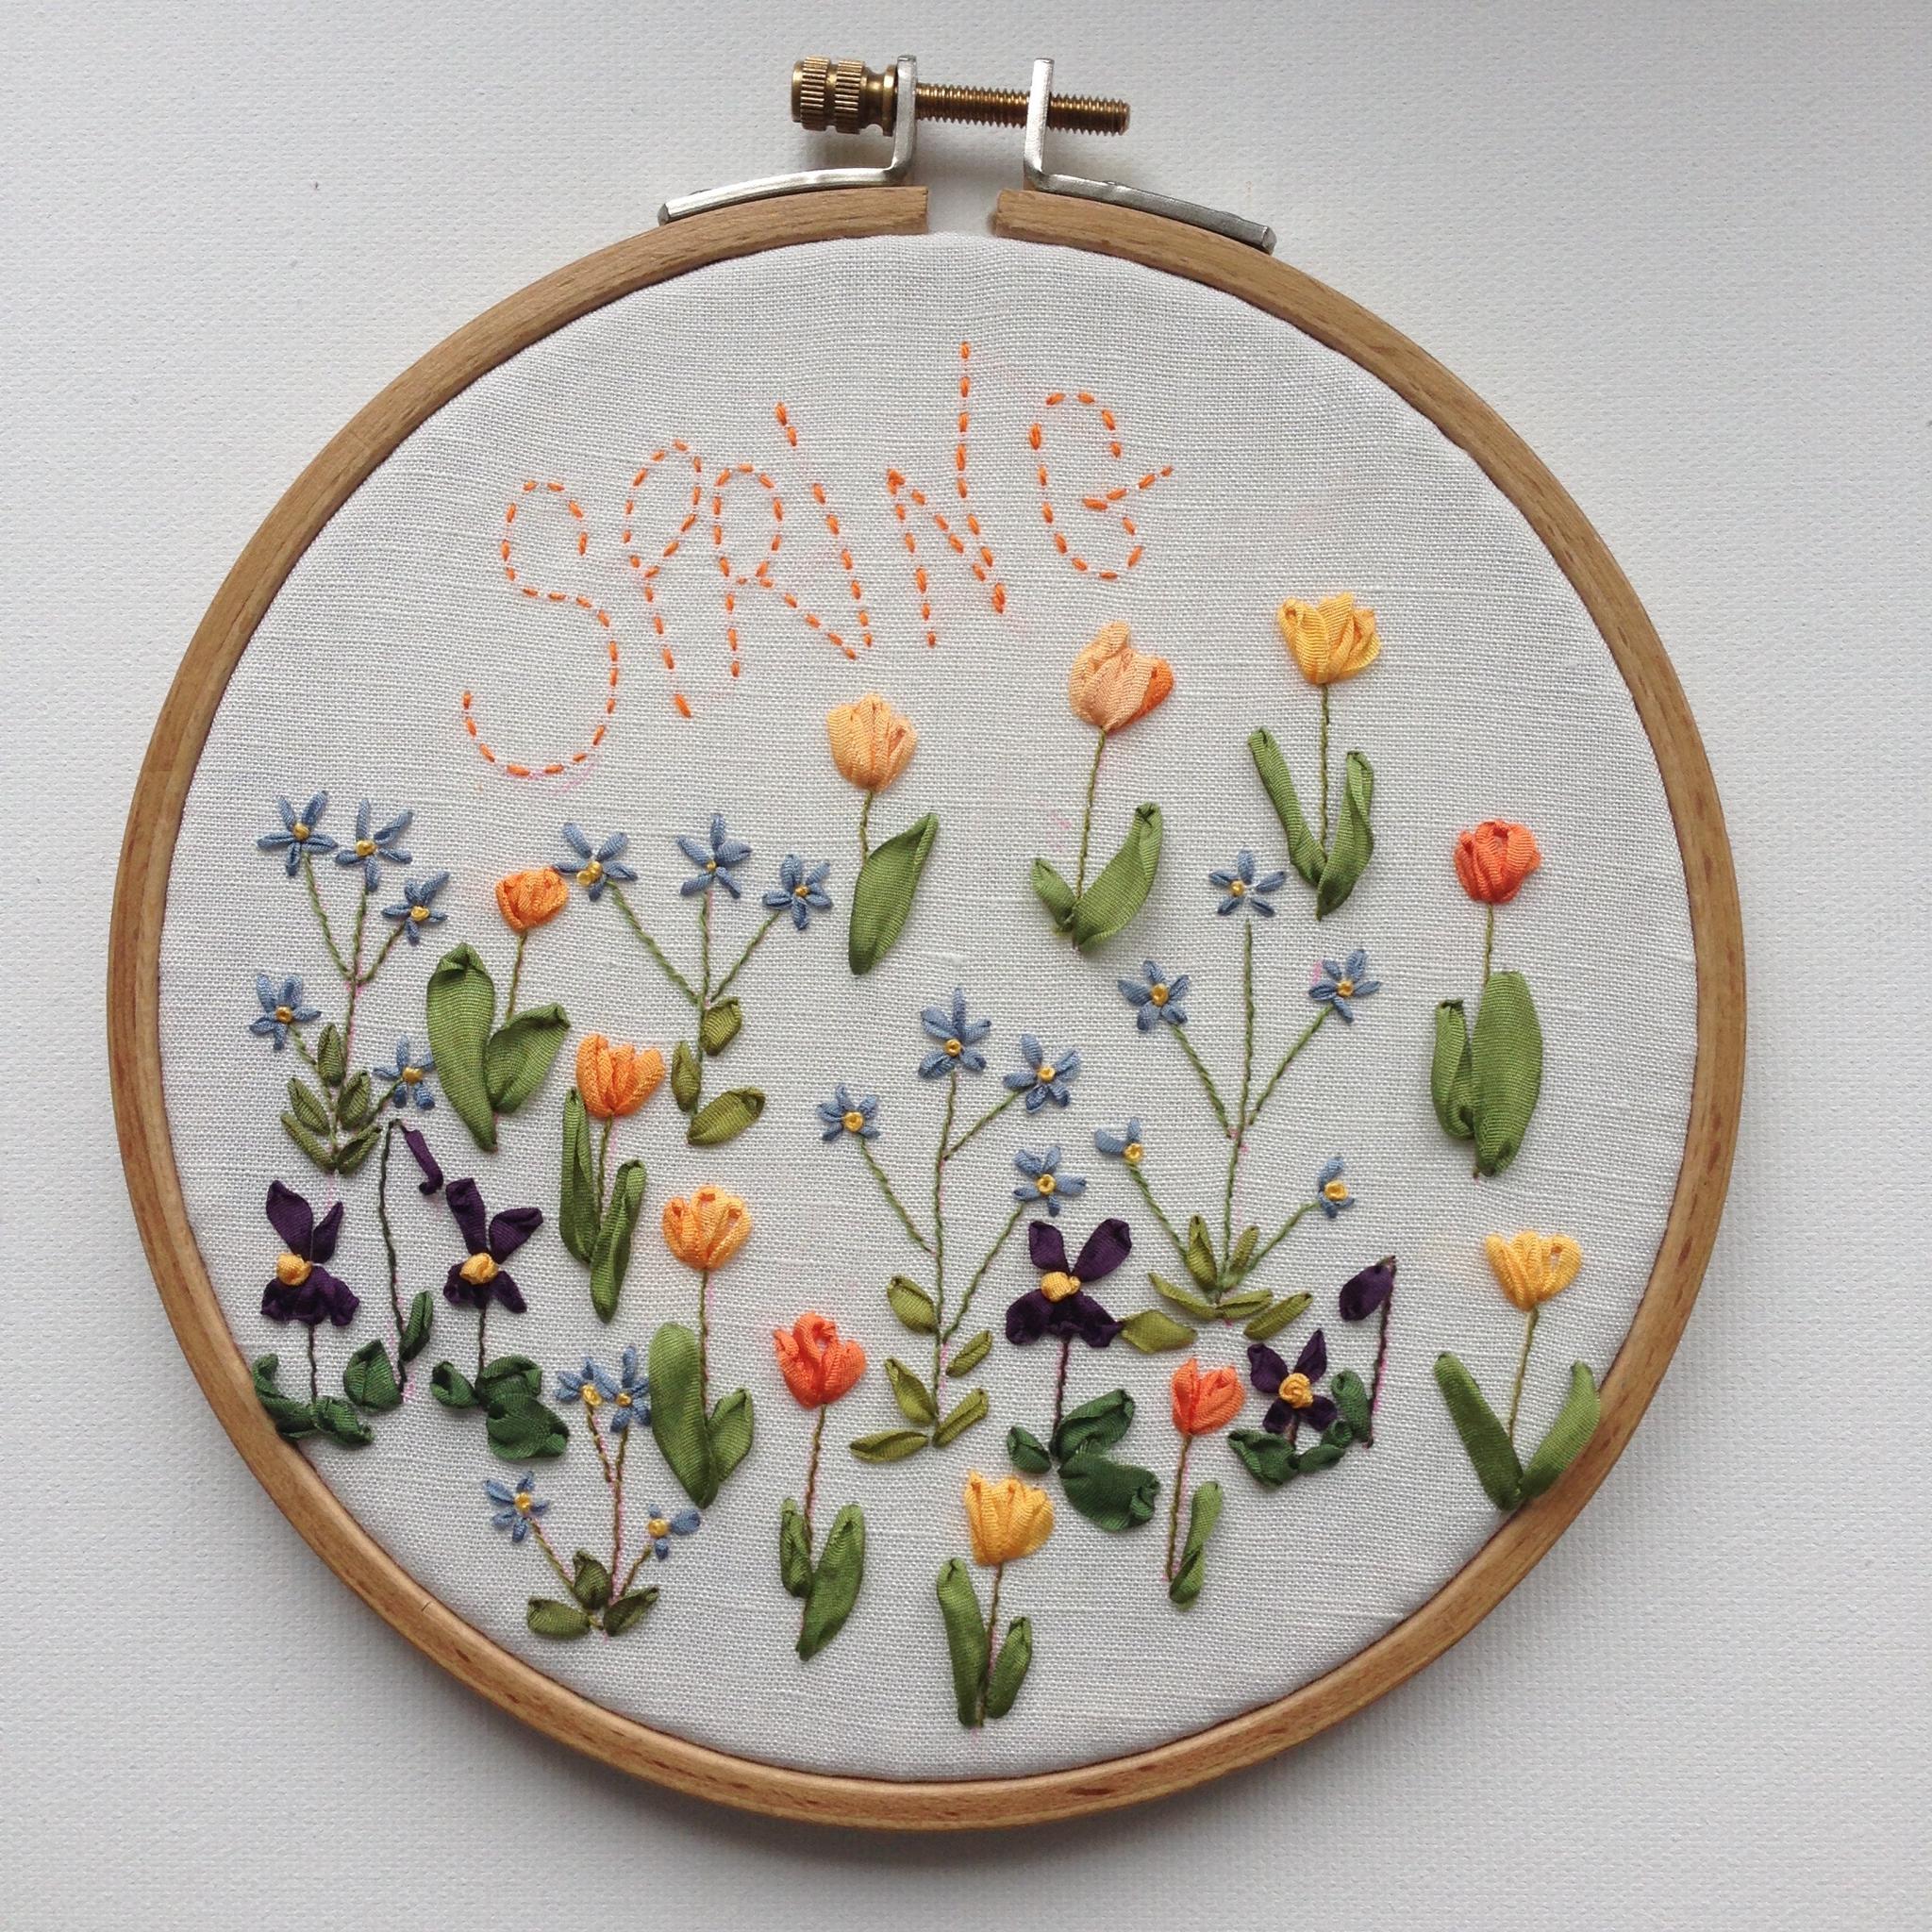 le_printemps_nathalie_dentzer